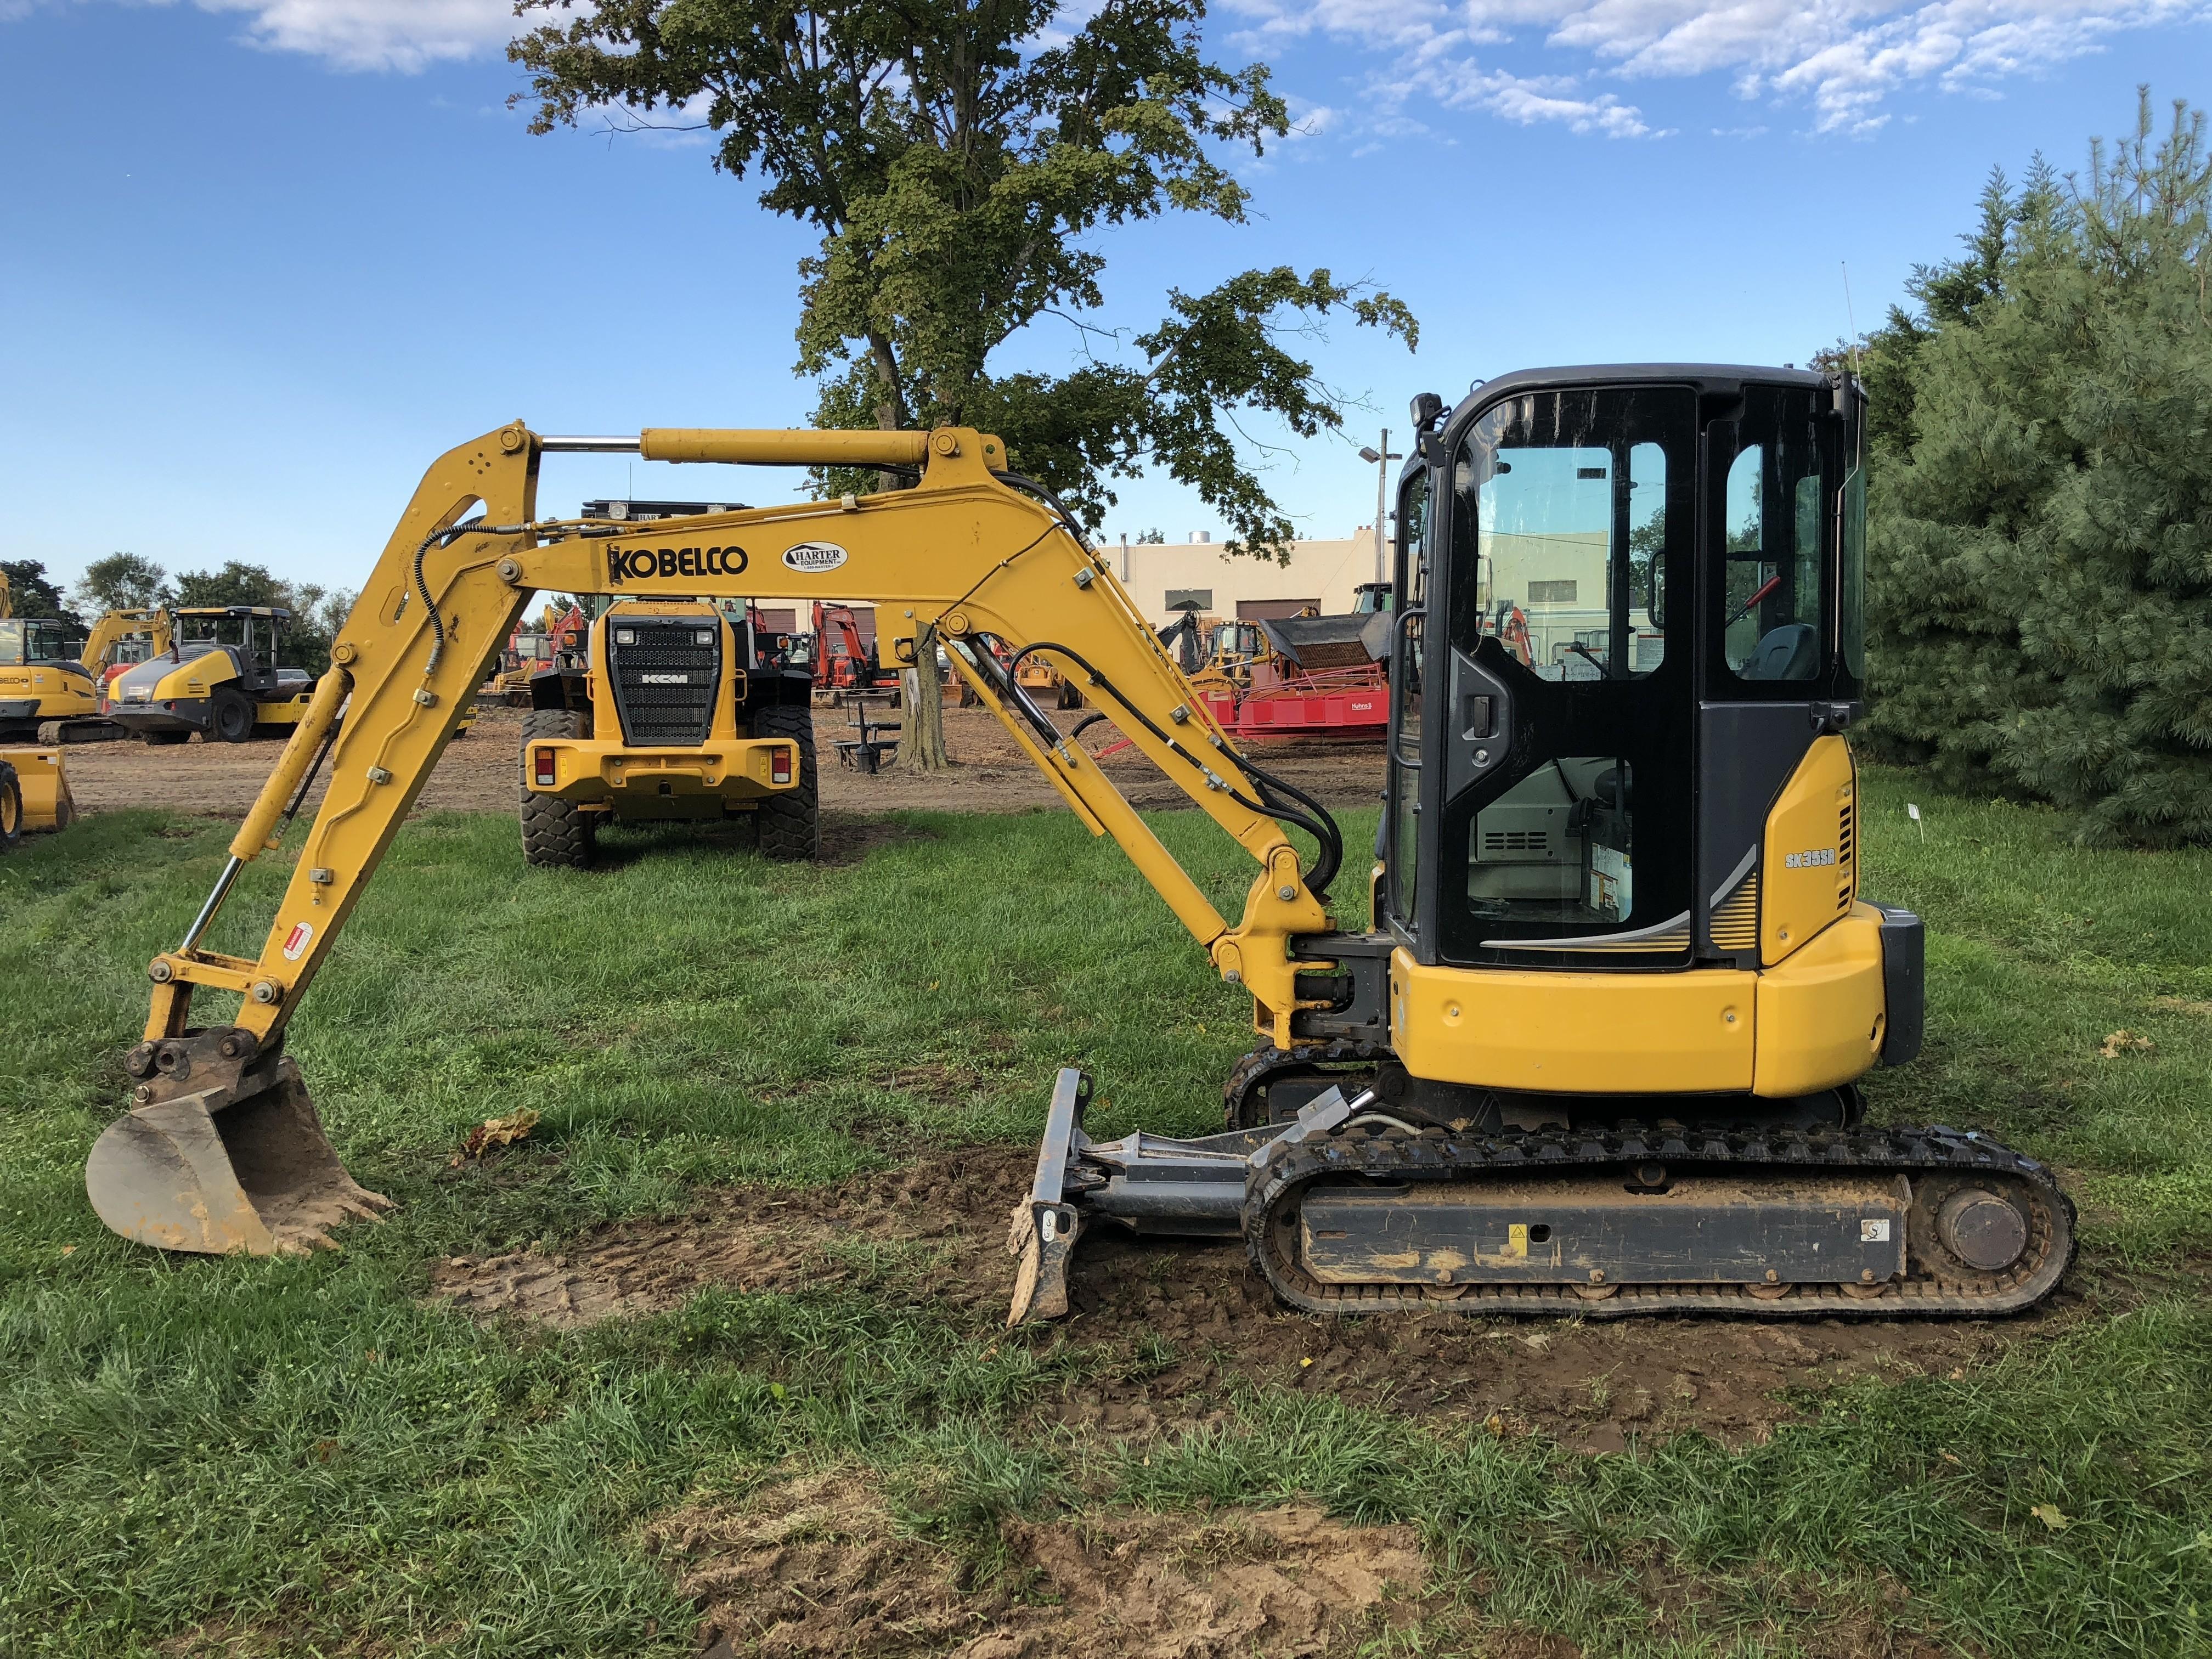 Used 2016 Kobelco SK35SR-6E Excavator in Millstone Township, NJ